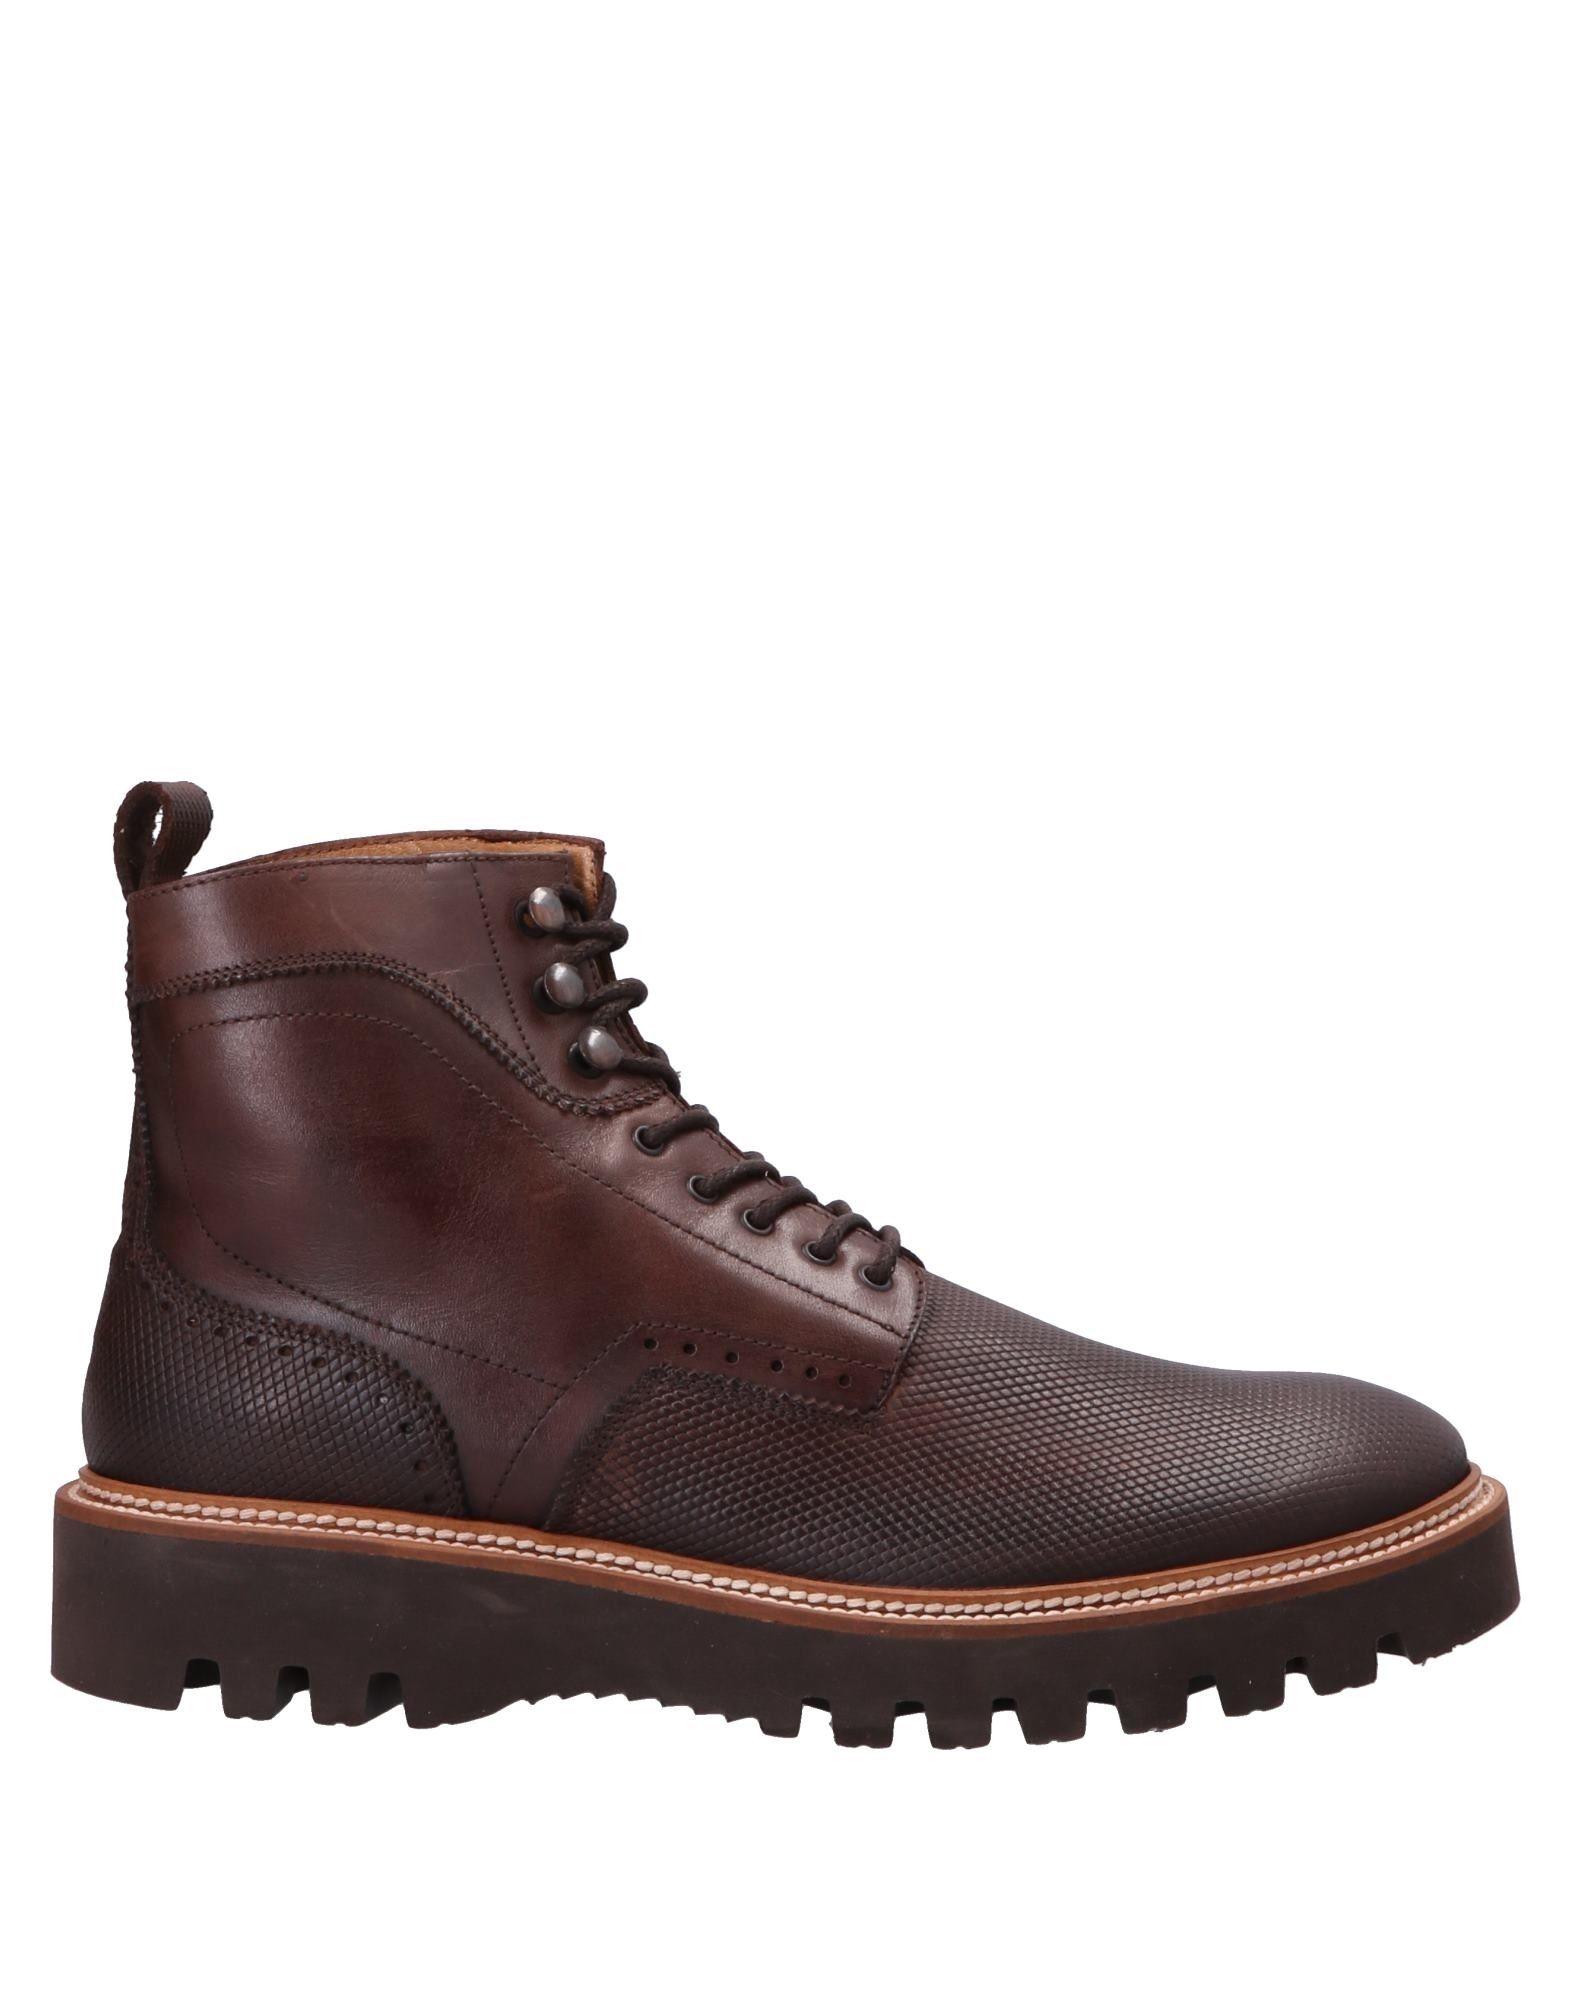 Baldinini Stiefelette Herren  11554799OC Gute Qualität beliebte Schuhe